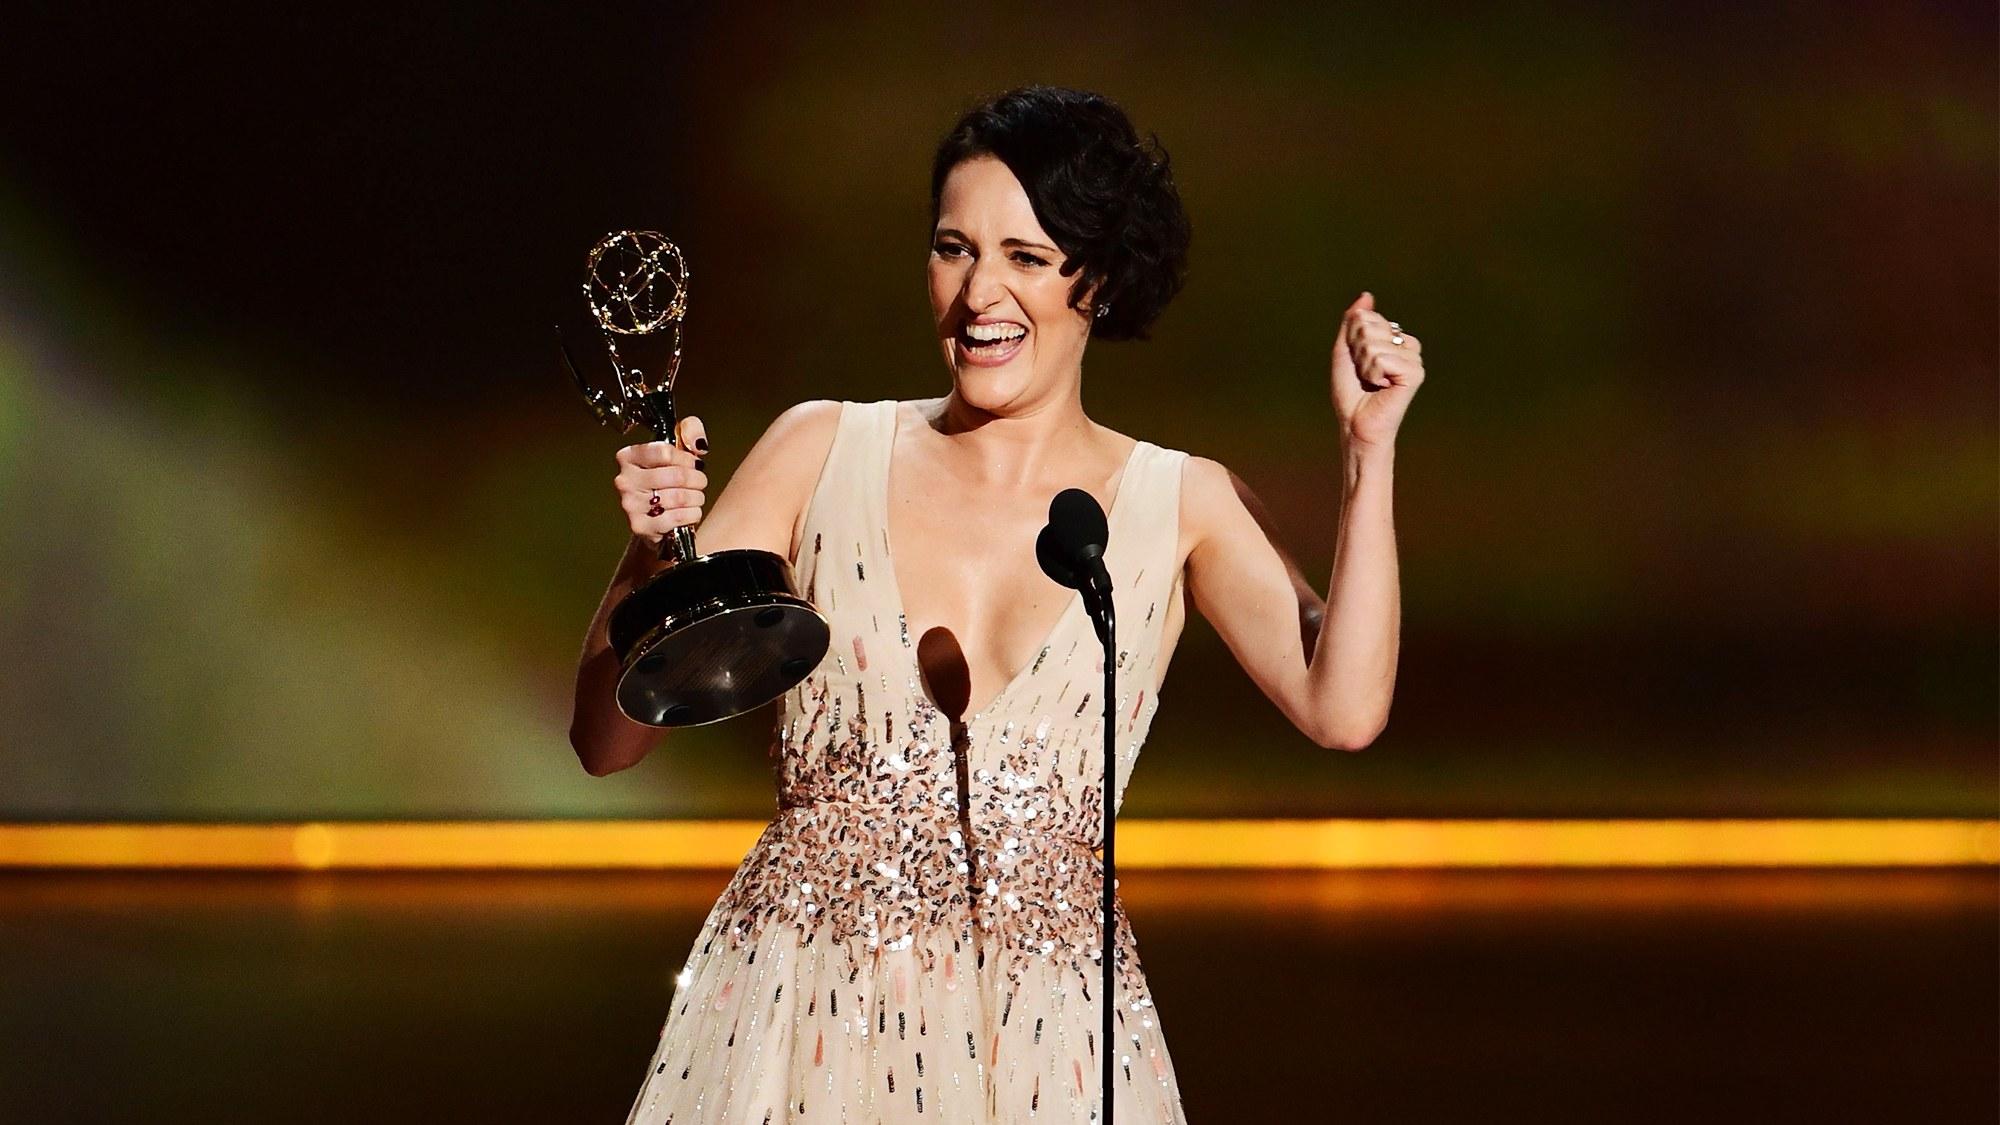 «Fleabag» de Phoebe Waller-Bridge triunfó en los Emmy 2019 (+Lista completa de ganadores)